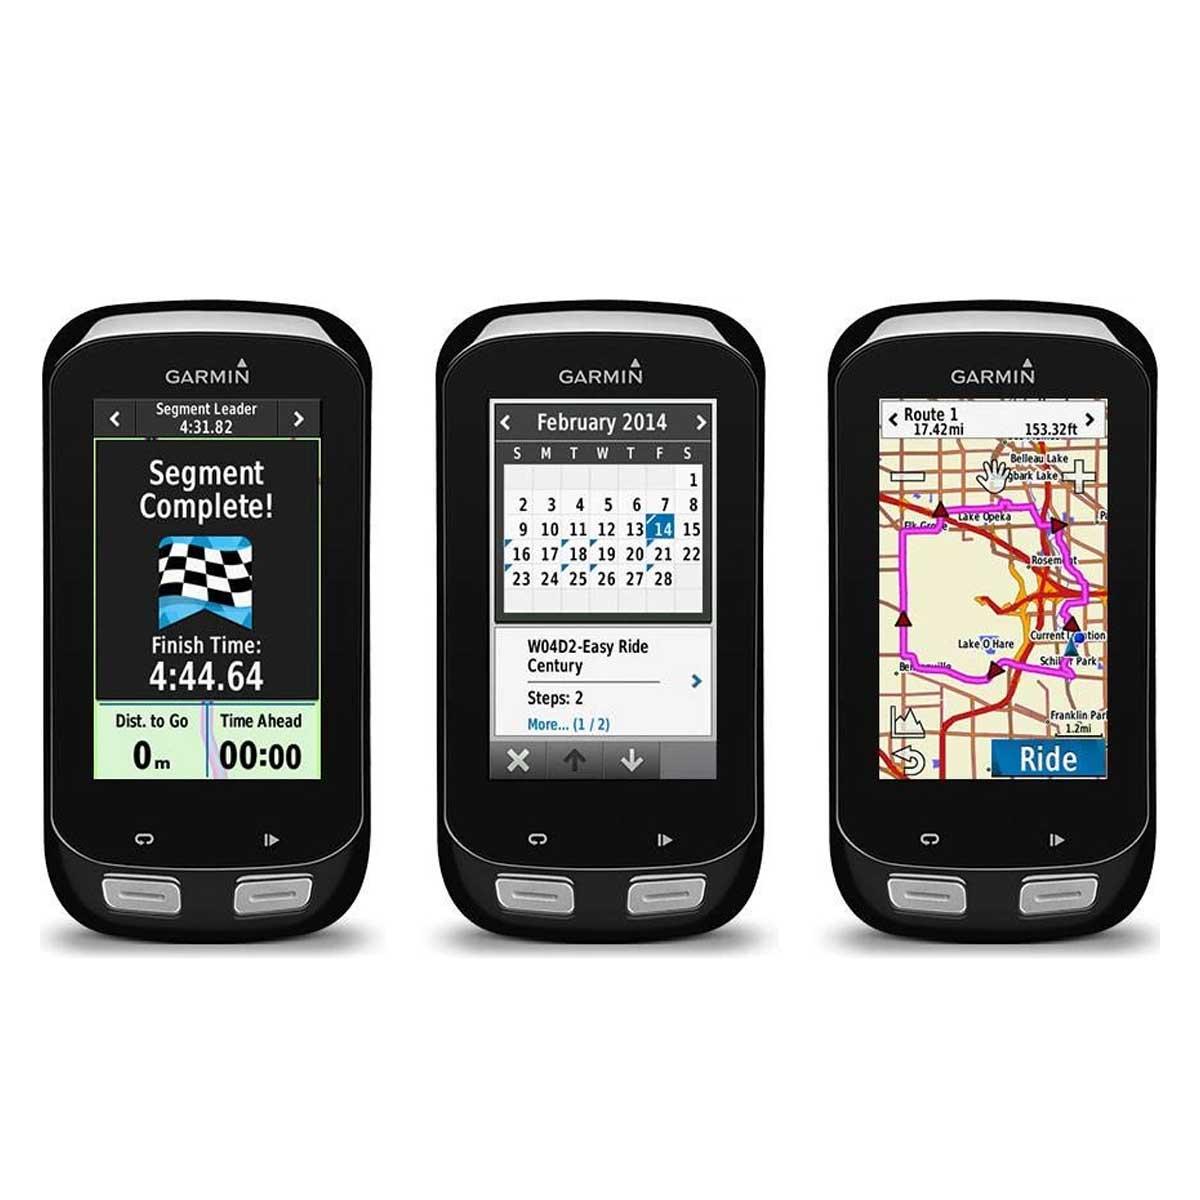 Garmin Edge 1000 Color Touchscreen Bike GPS